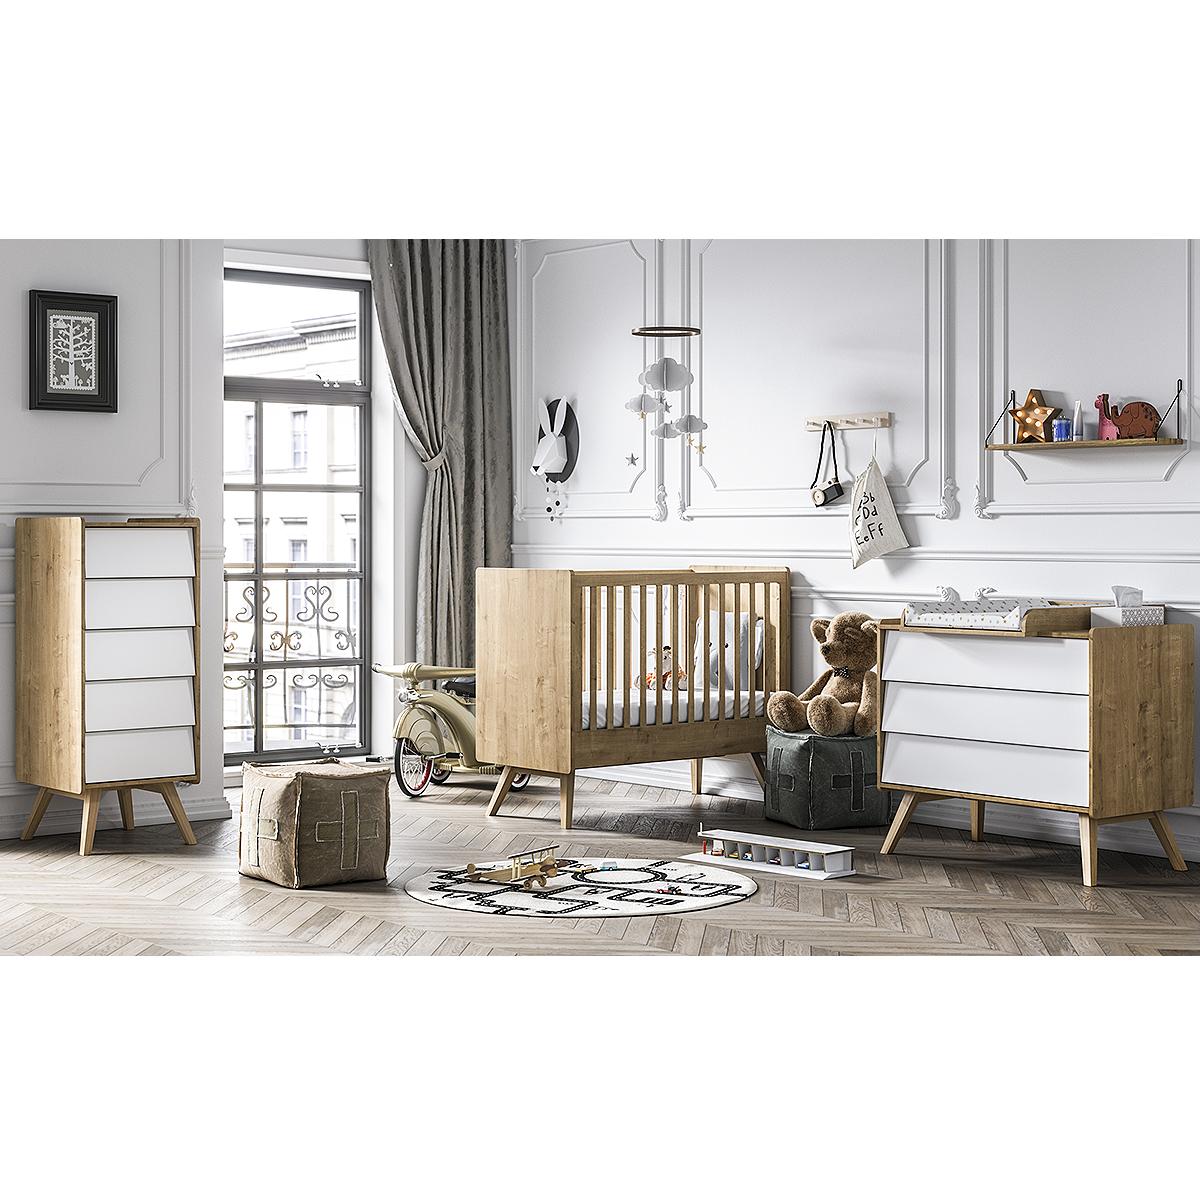 Chambre complète lit bébé 60x120 - commode à langer - chiffonnier Vox Vintage - Bois Blanc